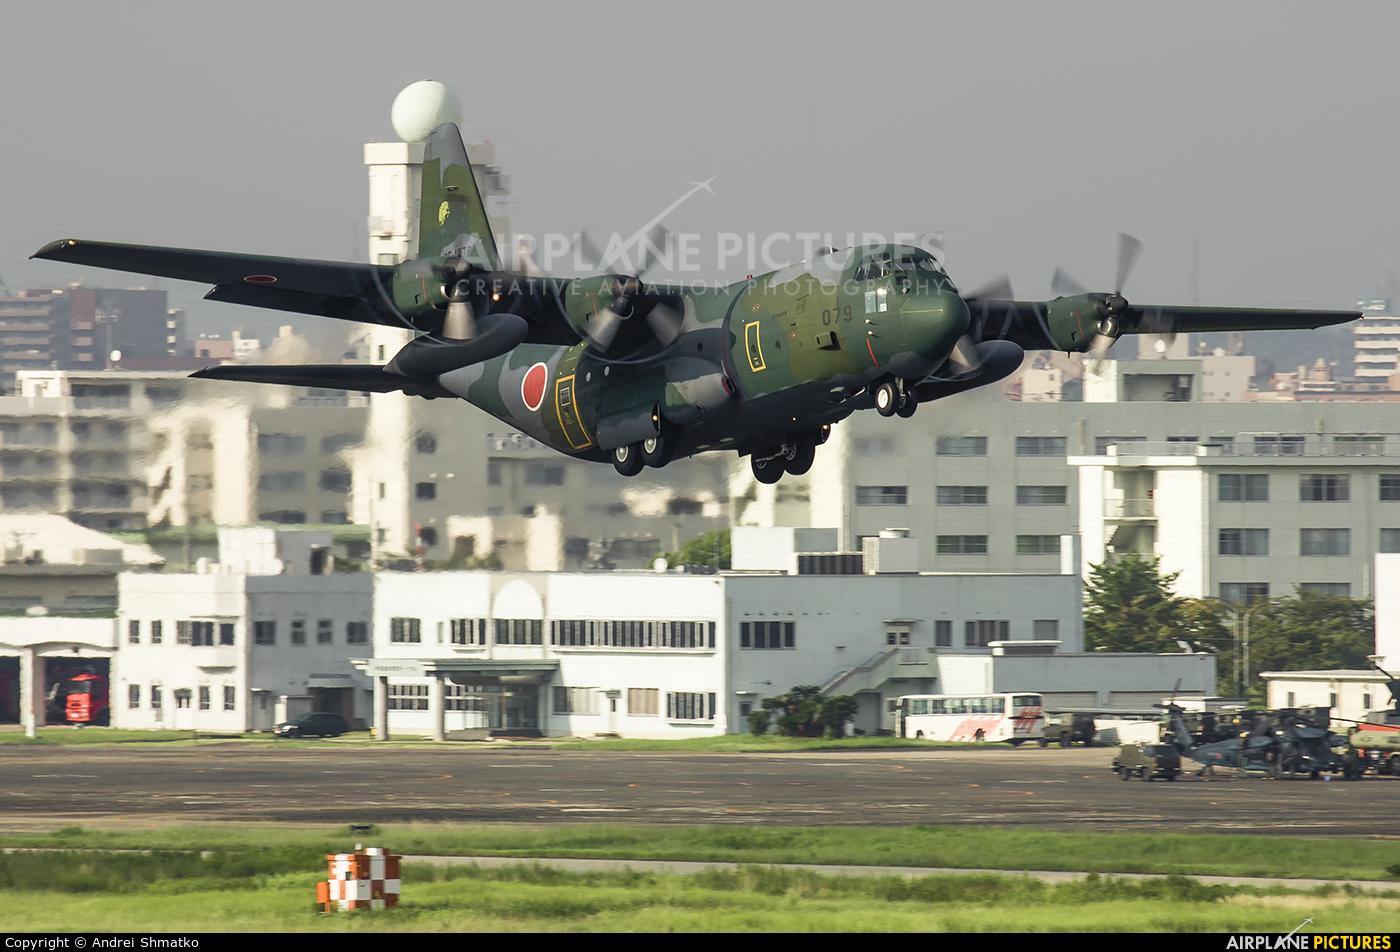 Japan - Air Self Defence Force 85-1079 aircraft at Nagoya - Komaki AB